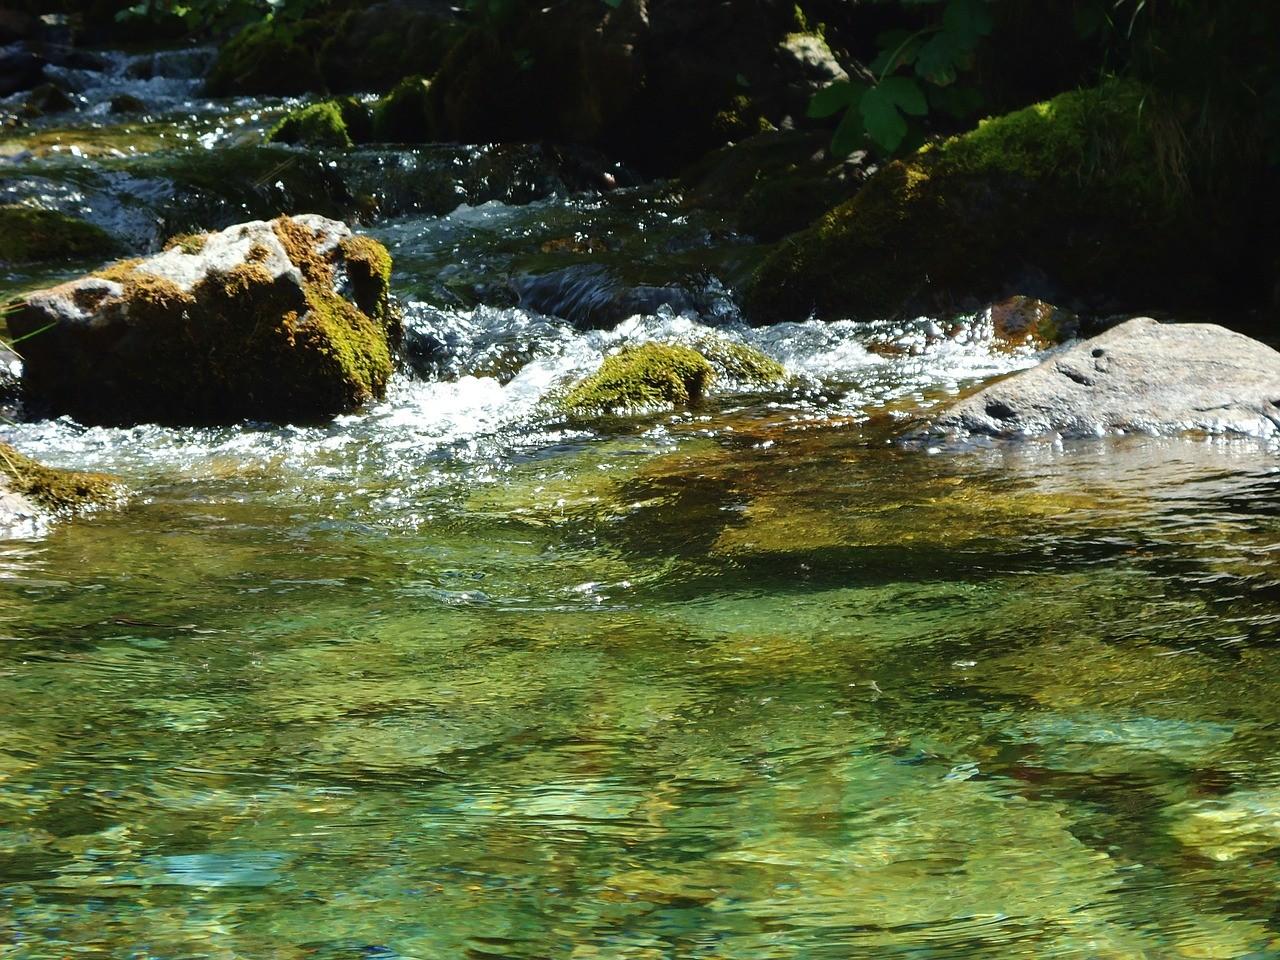 Gestion de l'eau : tous ensemble, c'est vraiment mieux